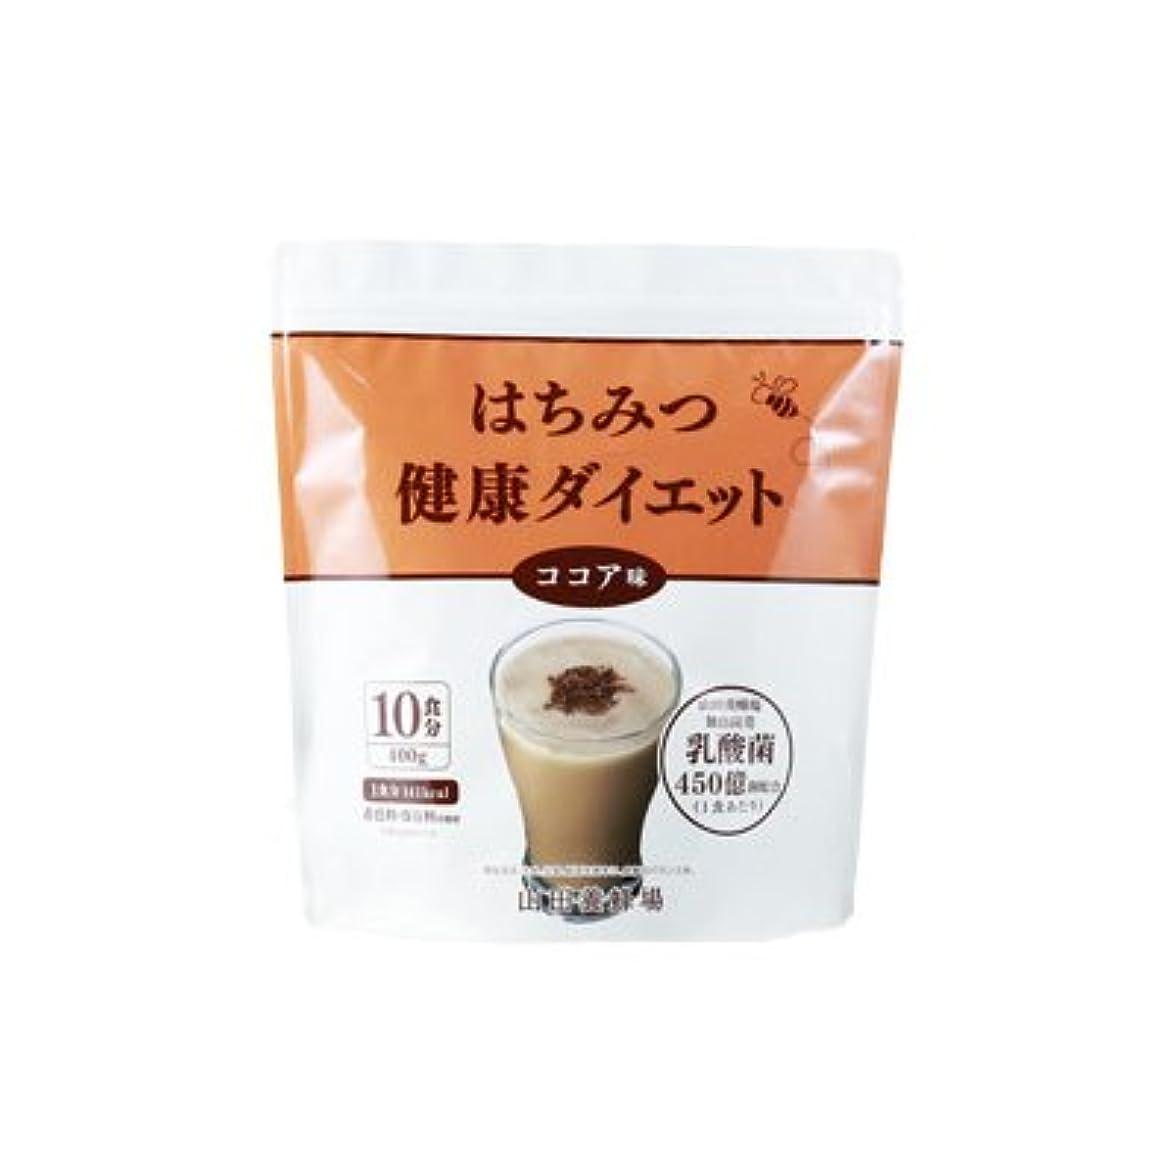 陸軍予算常にはちみつ健康ダイエット 【ココア味】400g(10食分)